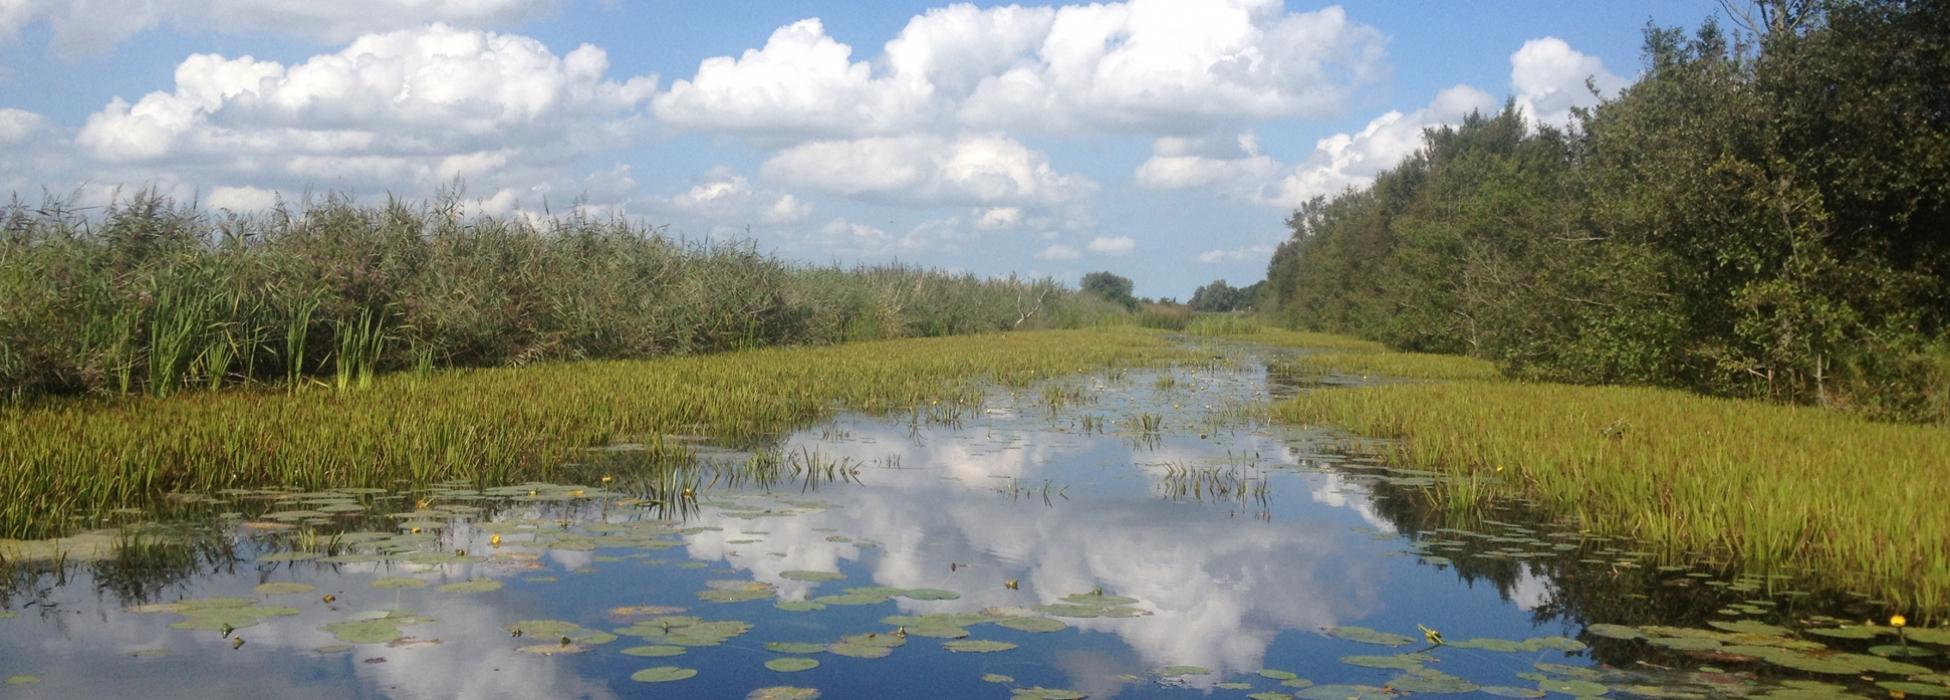 Veen in Friesland